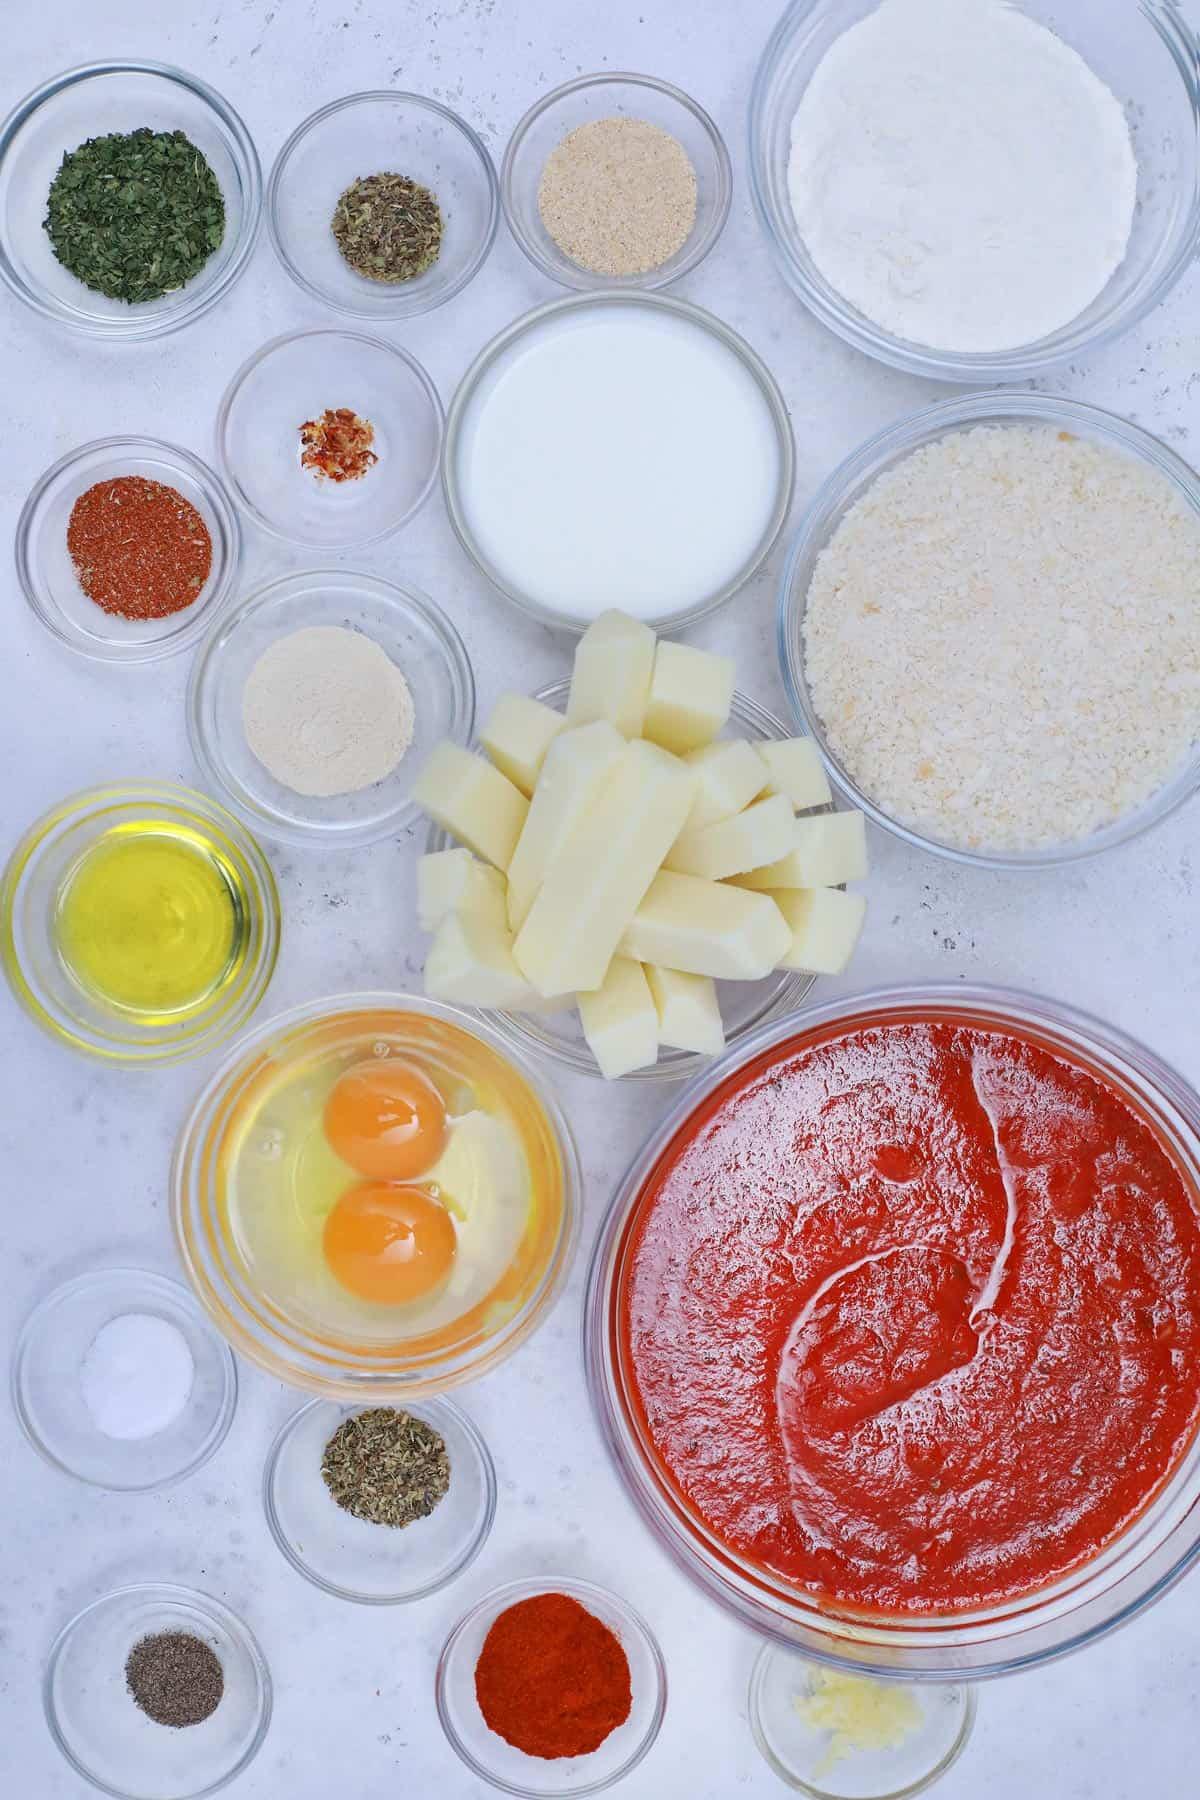 Ingredients for mozzarella cheese sticks